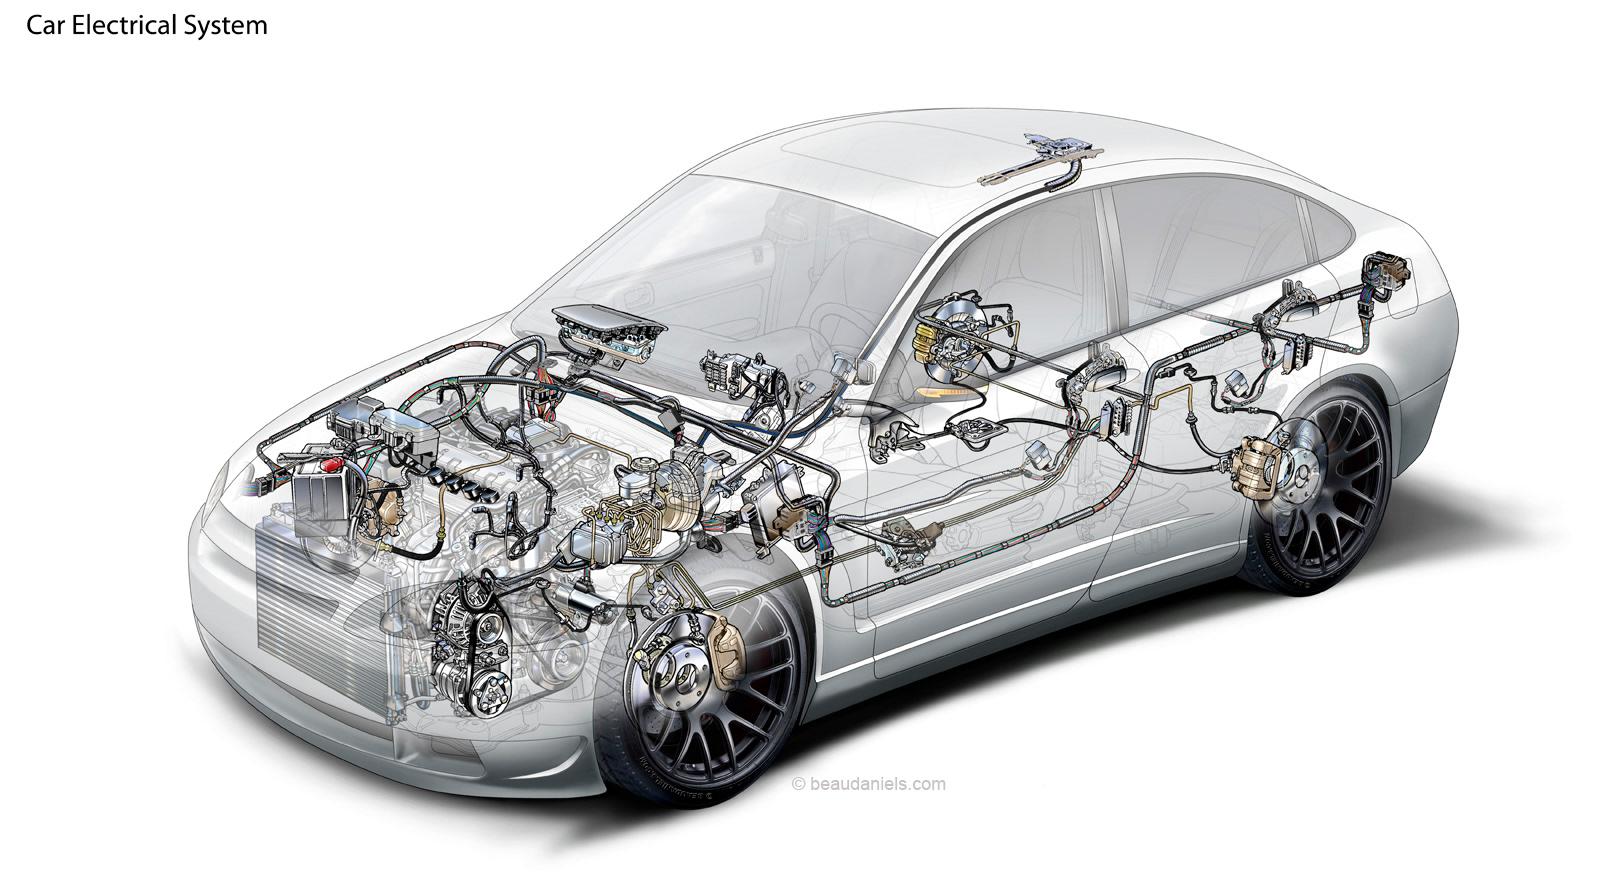 سیستم برق خودرو و نقشه آن